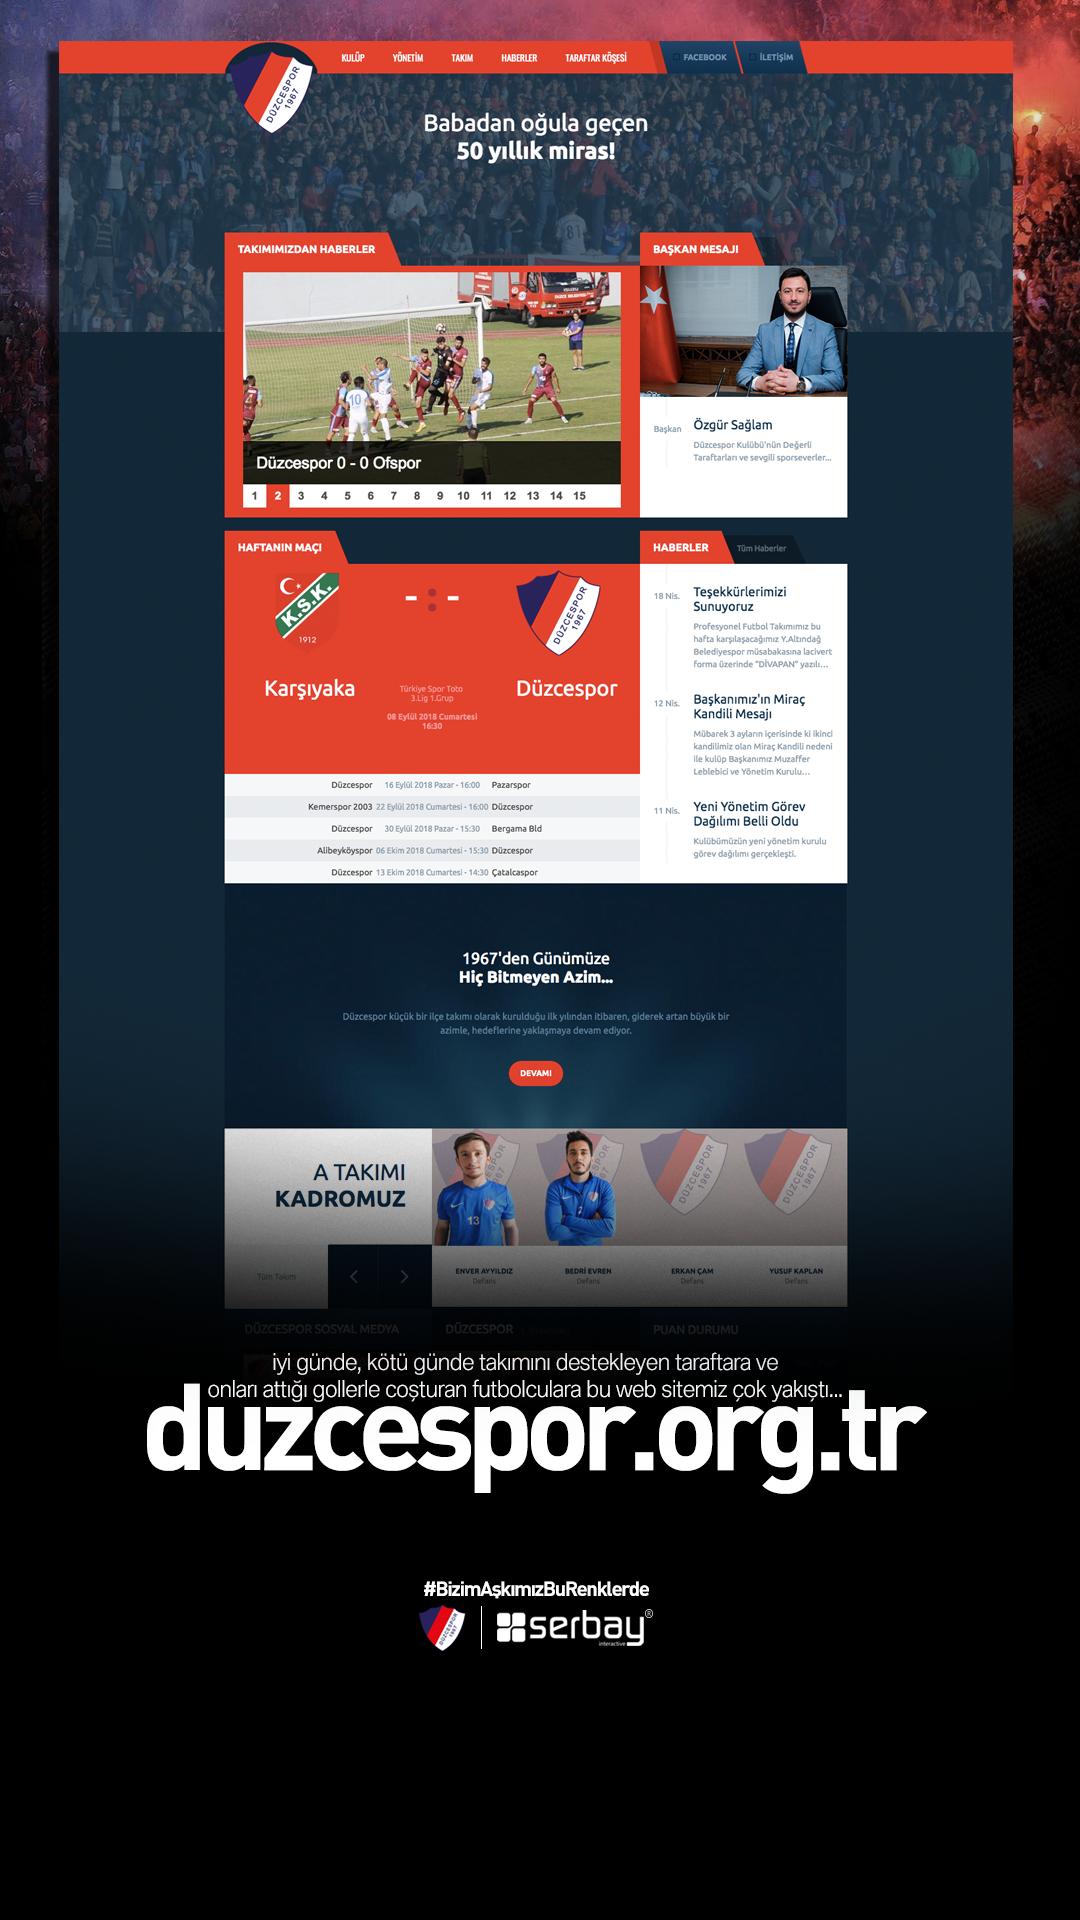 İyi günde, kötü günde takımını destekleyen taraftara ve onları attığı gollerle coşturan futbolculara bu web sitemiz çok yakıştı... #Bizim AşkımızBuRenklerde #Düzcespor